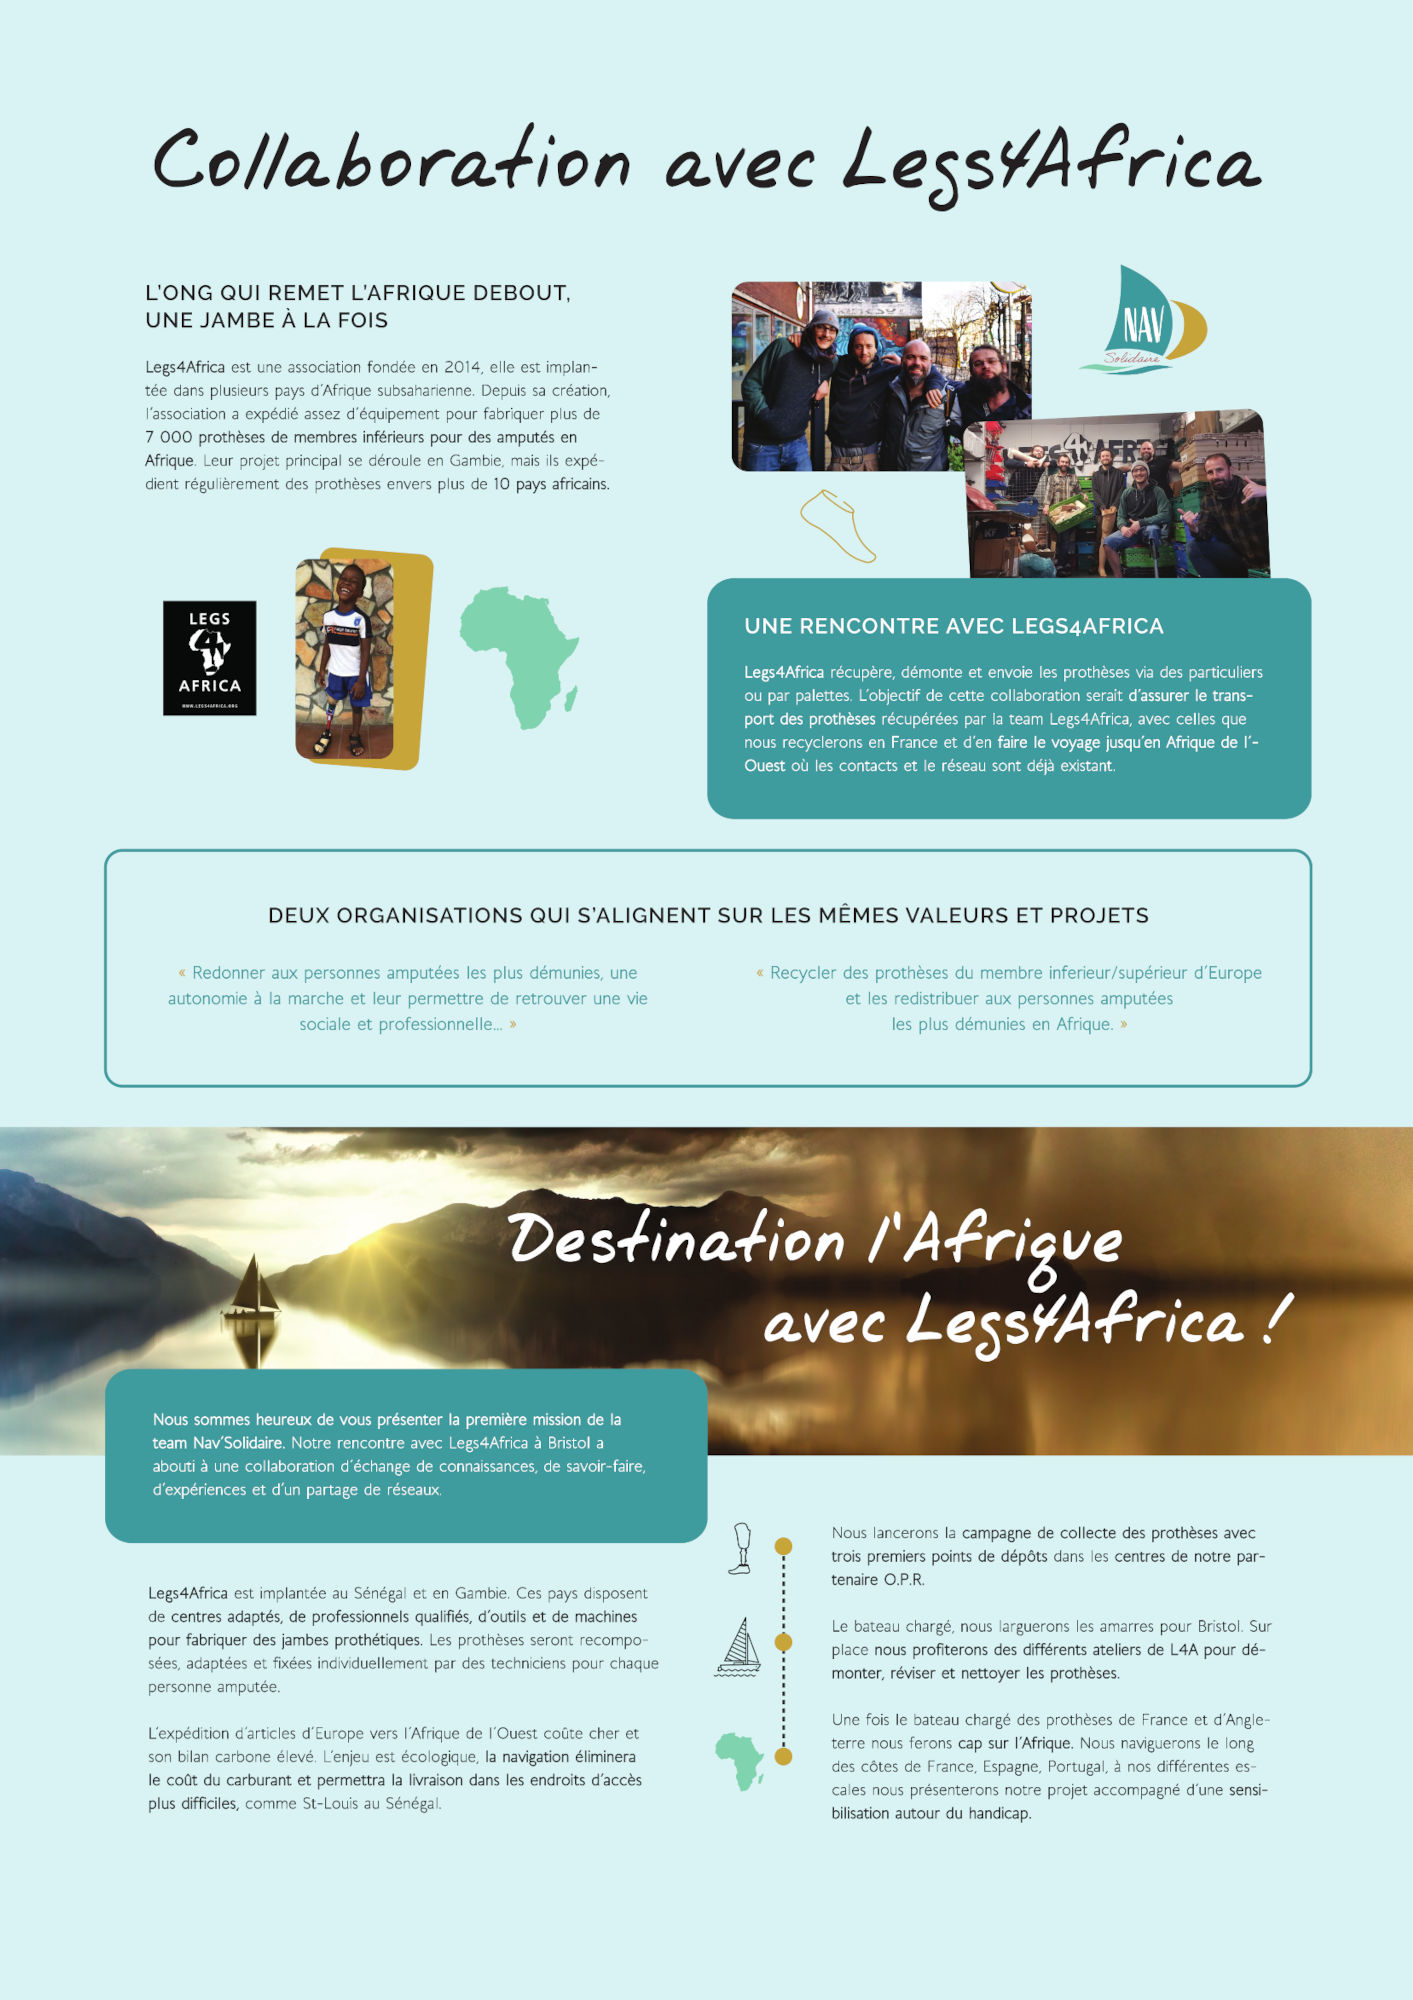 Destination Afrique avec Legs4Africa